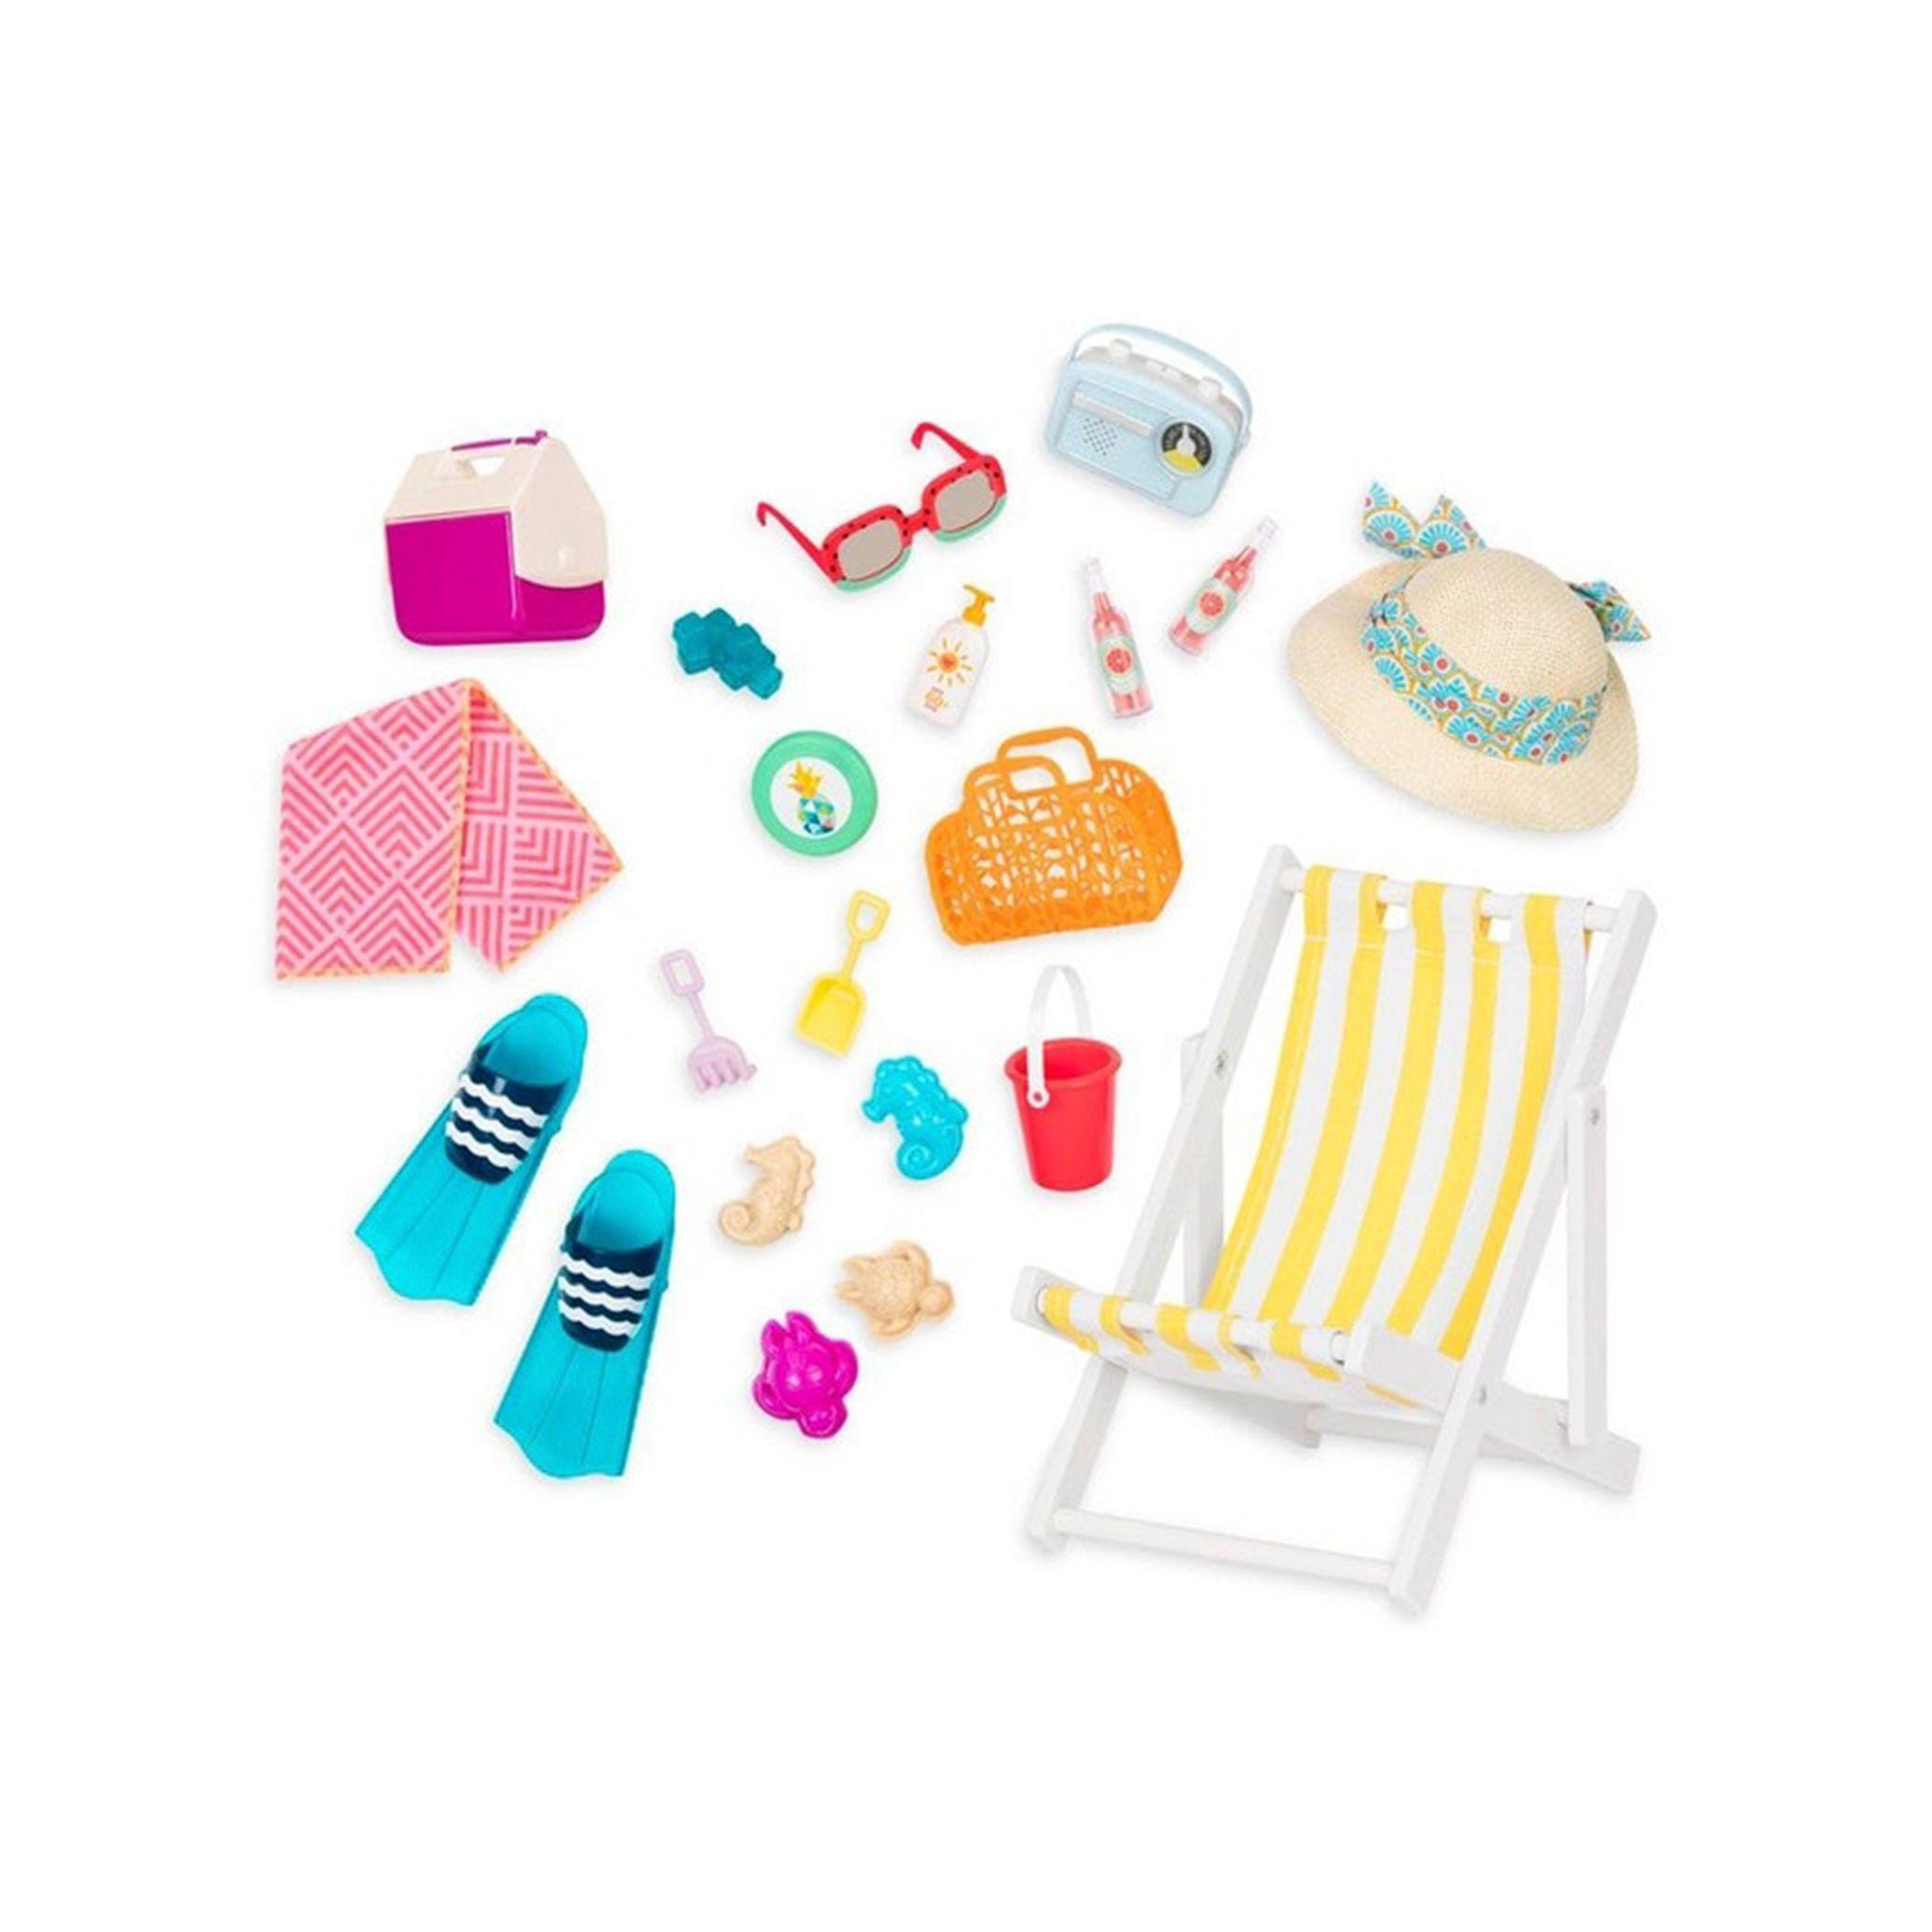 Playa Vacaciones Muñecas Cosas De Barbie Muebles American Girl Sets De Barbie